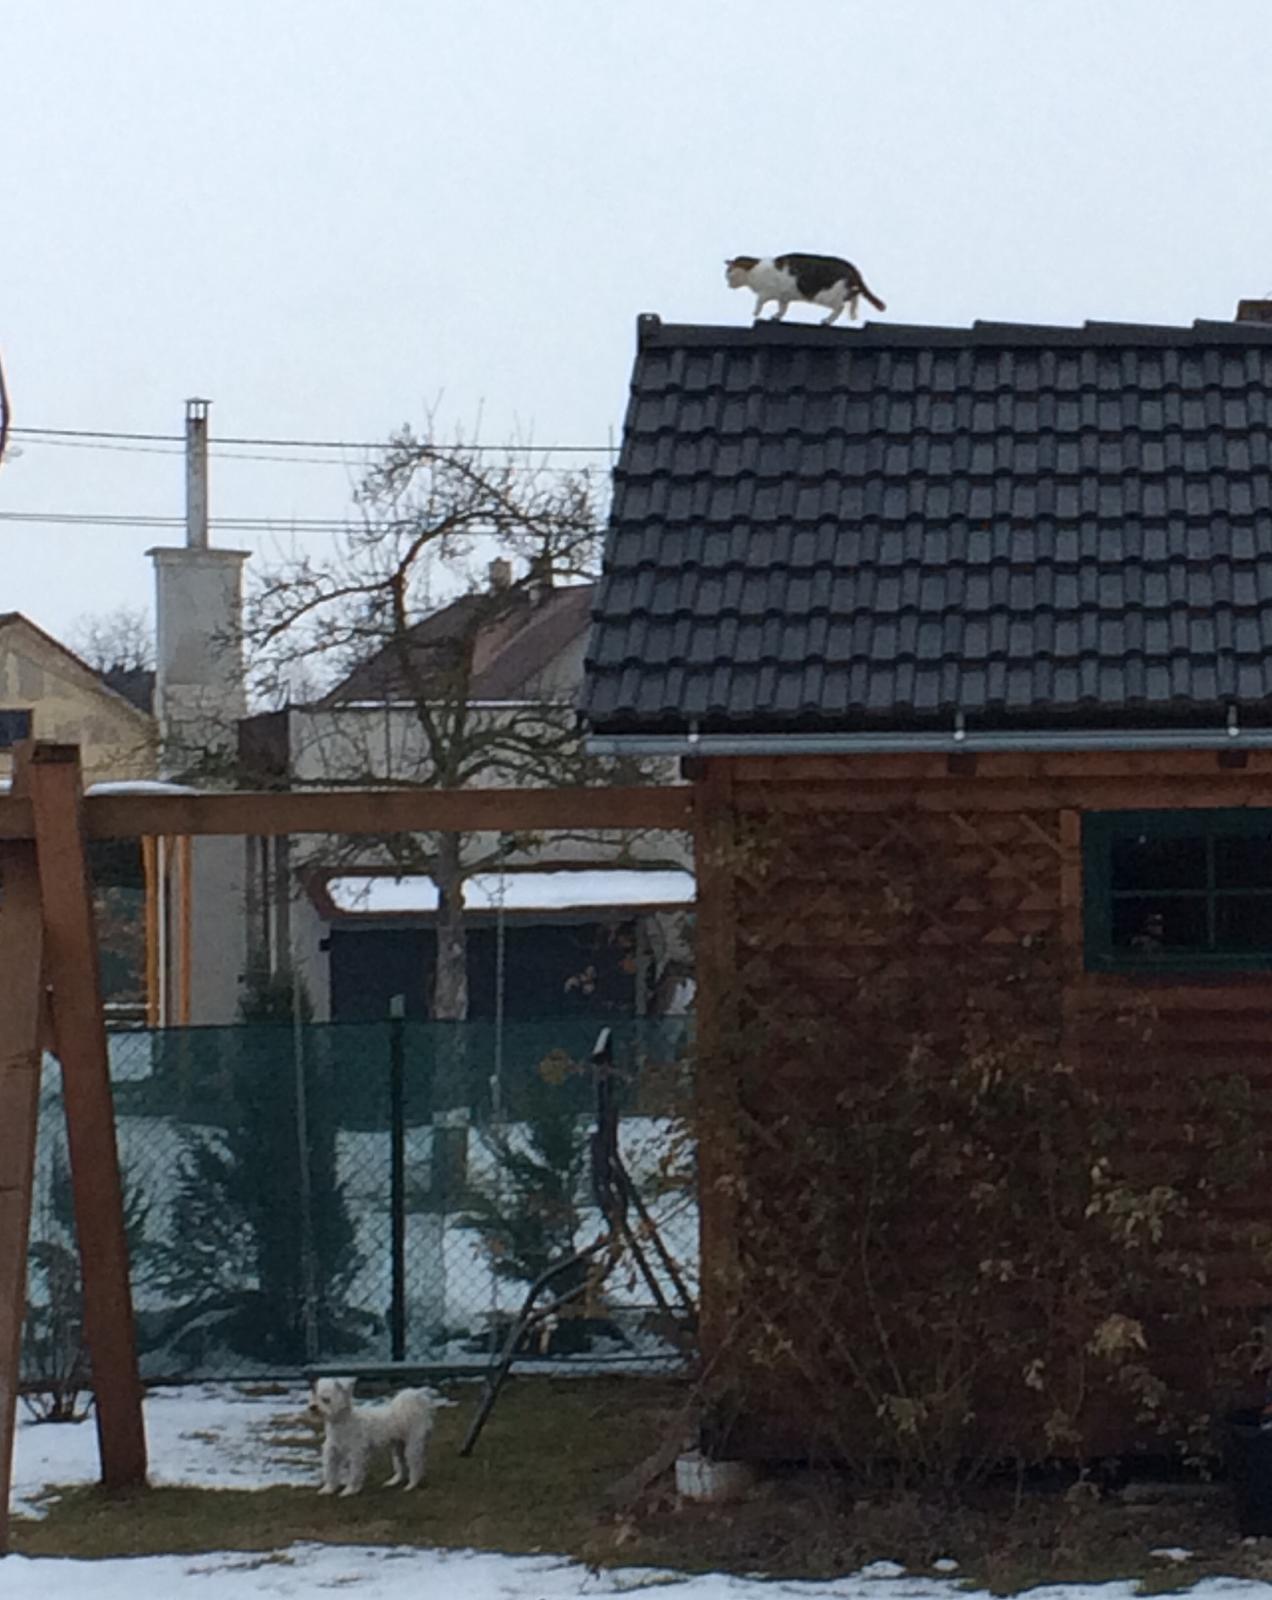 Dům i Zahrada 2019 - ....za chvilku zas je pod mrakem a.... kocour v čudu, na střeše , pes dole marně hleda